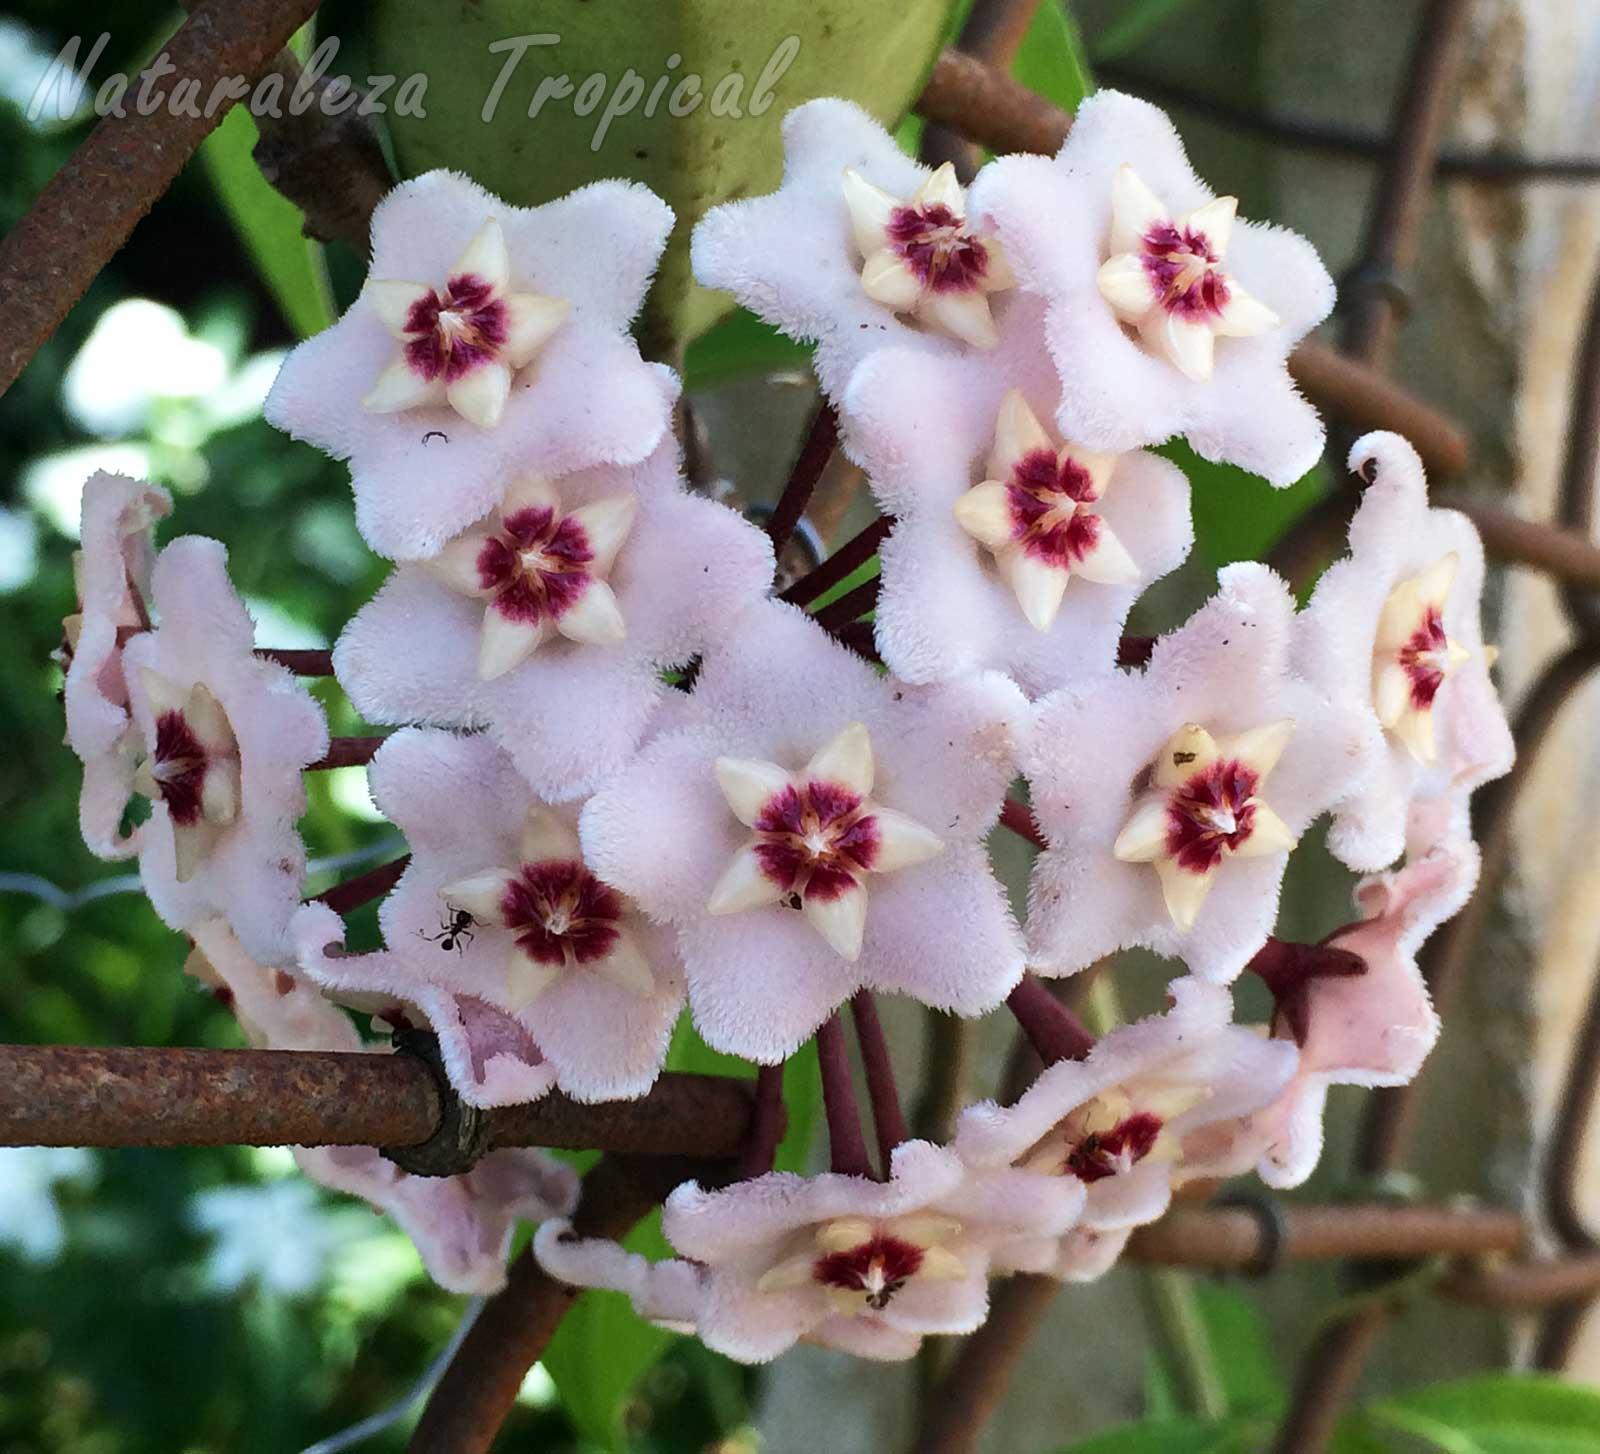 Inflorescencia típica con numerosas flores de la Flor de Cera, Hoya carnosa